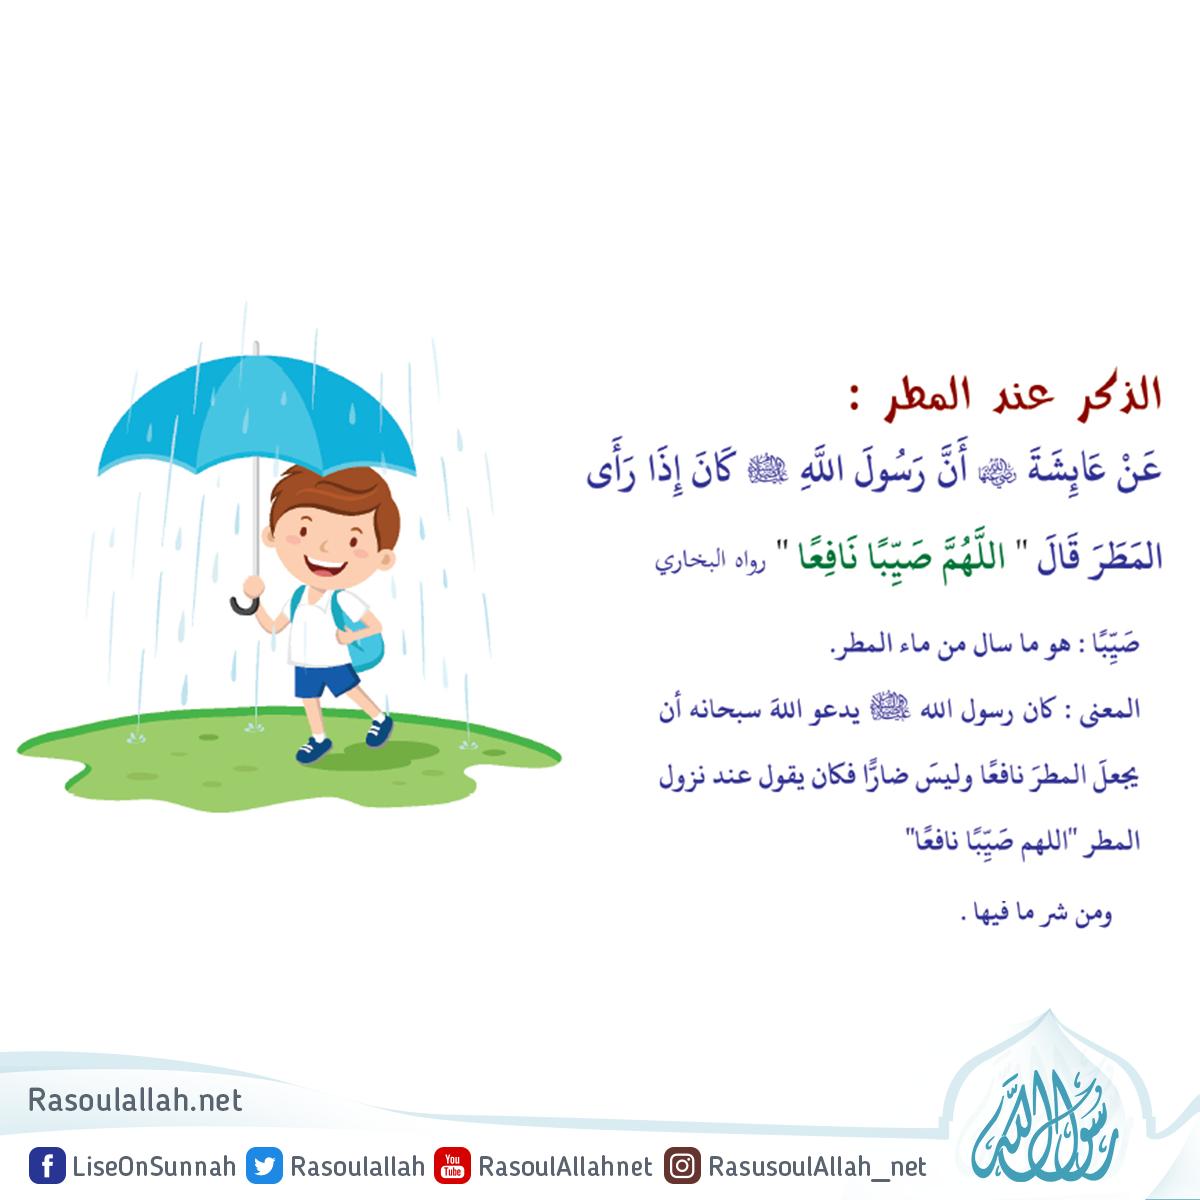 الذكر عند المطر